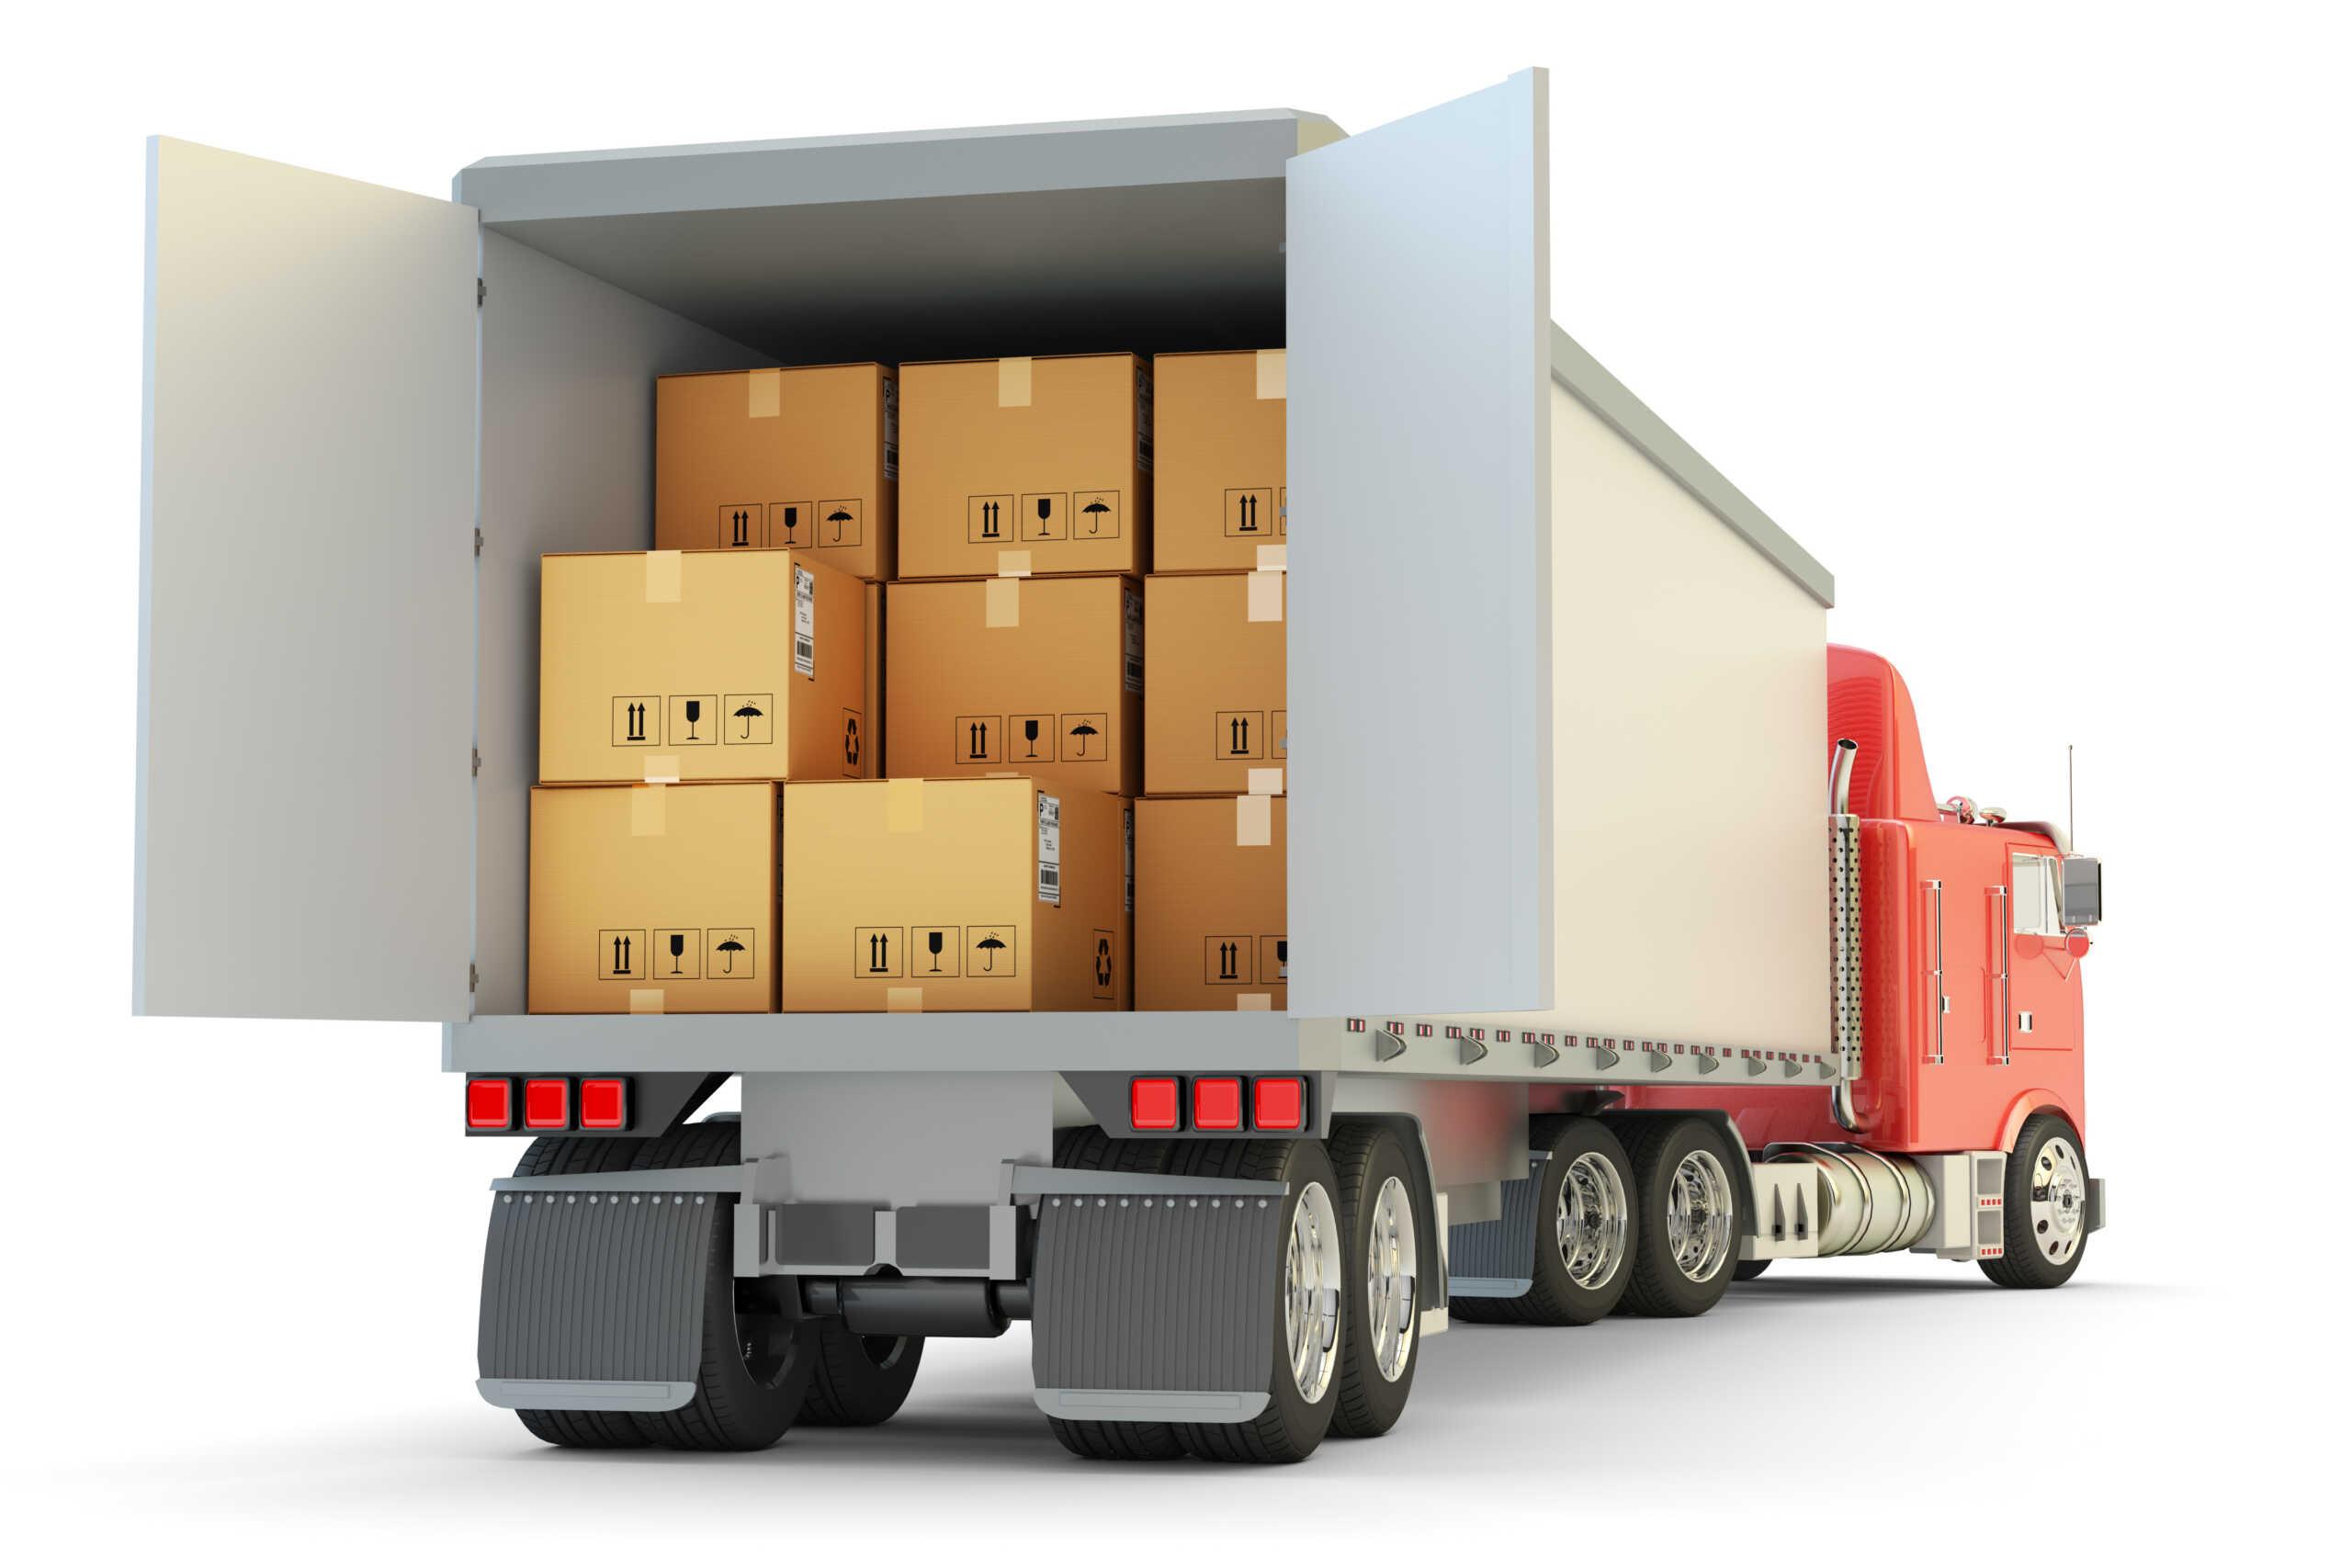 Ohio LTL freight